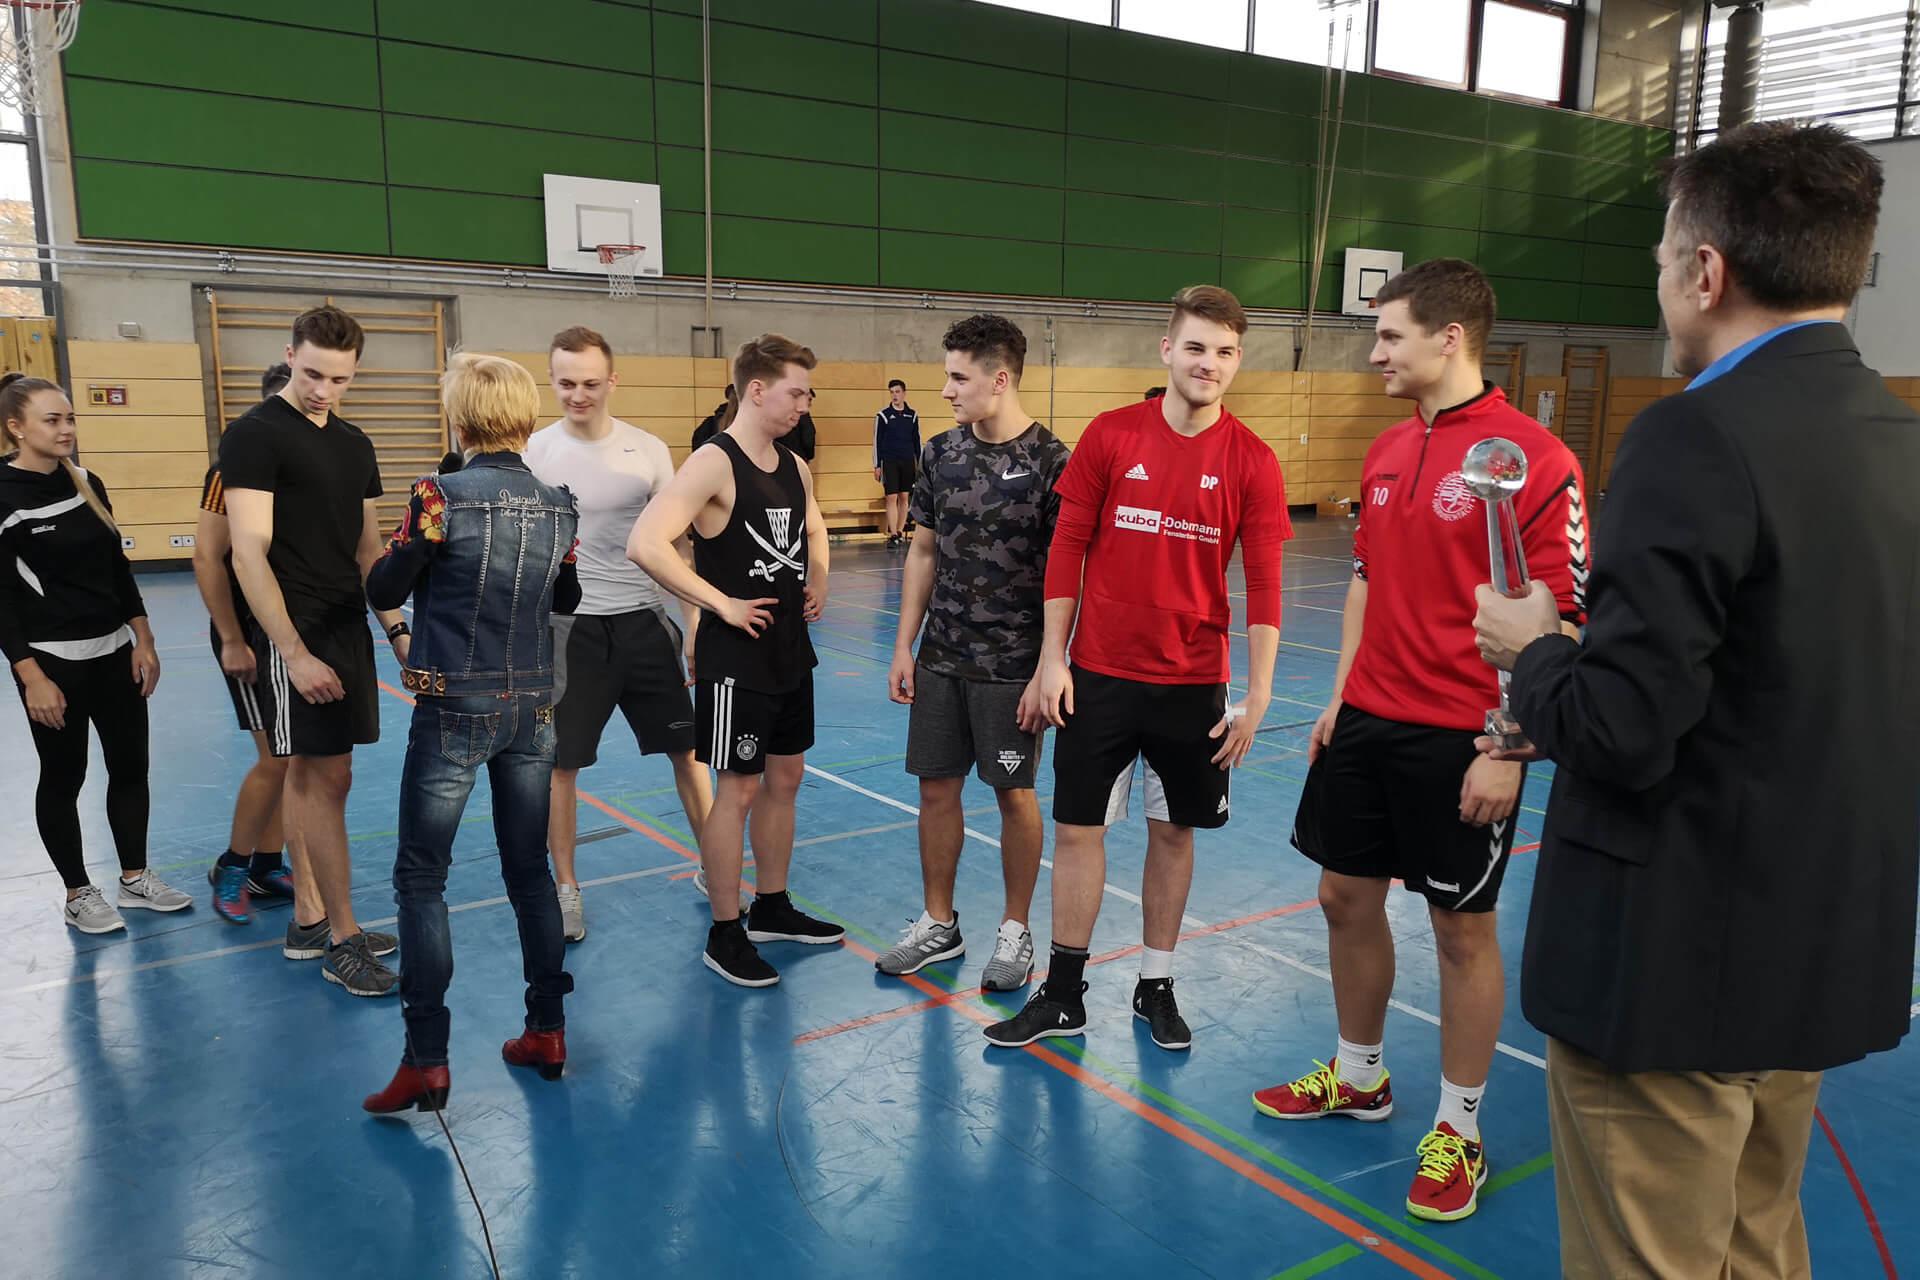 2019 02 20 Volleyballturnier Content Bild 6